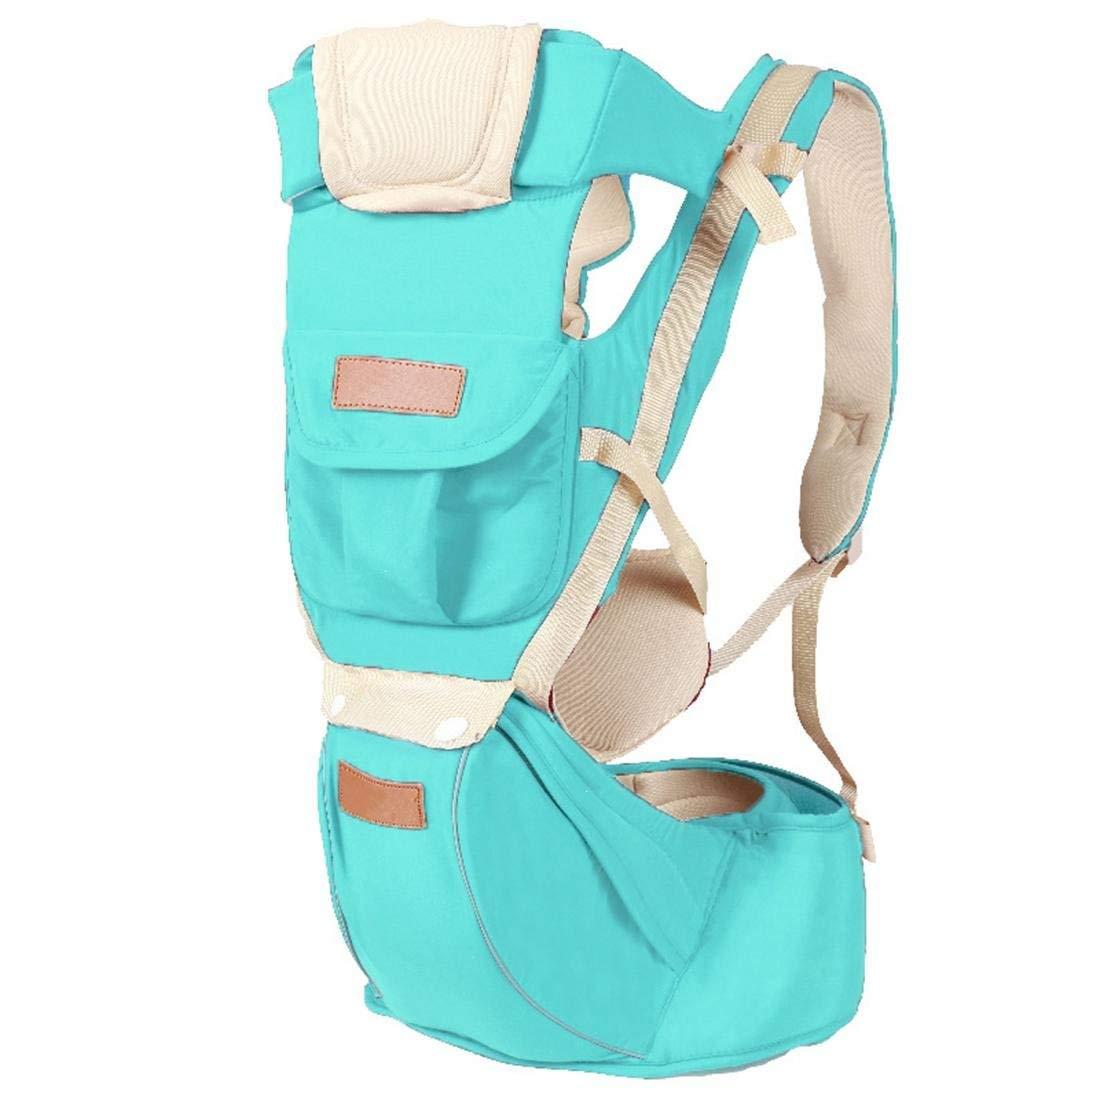 Babytrage Babytrage Größe Hocker Atmungsaktive Größe Hocker Rucksack Multifunktionale Sicherheit von Kinder Baby Produkte Rückenträger (Farbe   Blau)